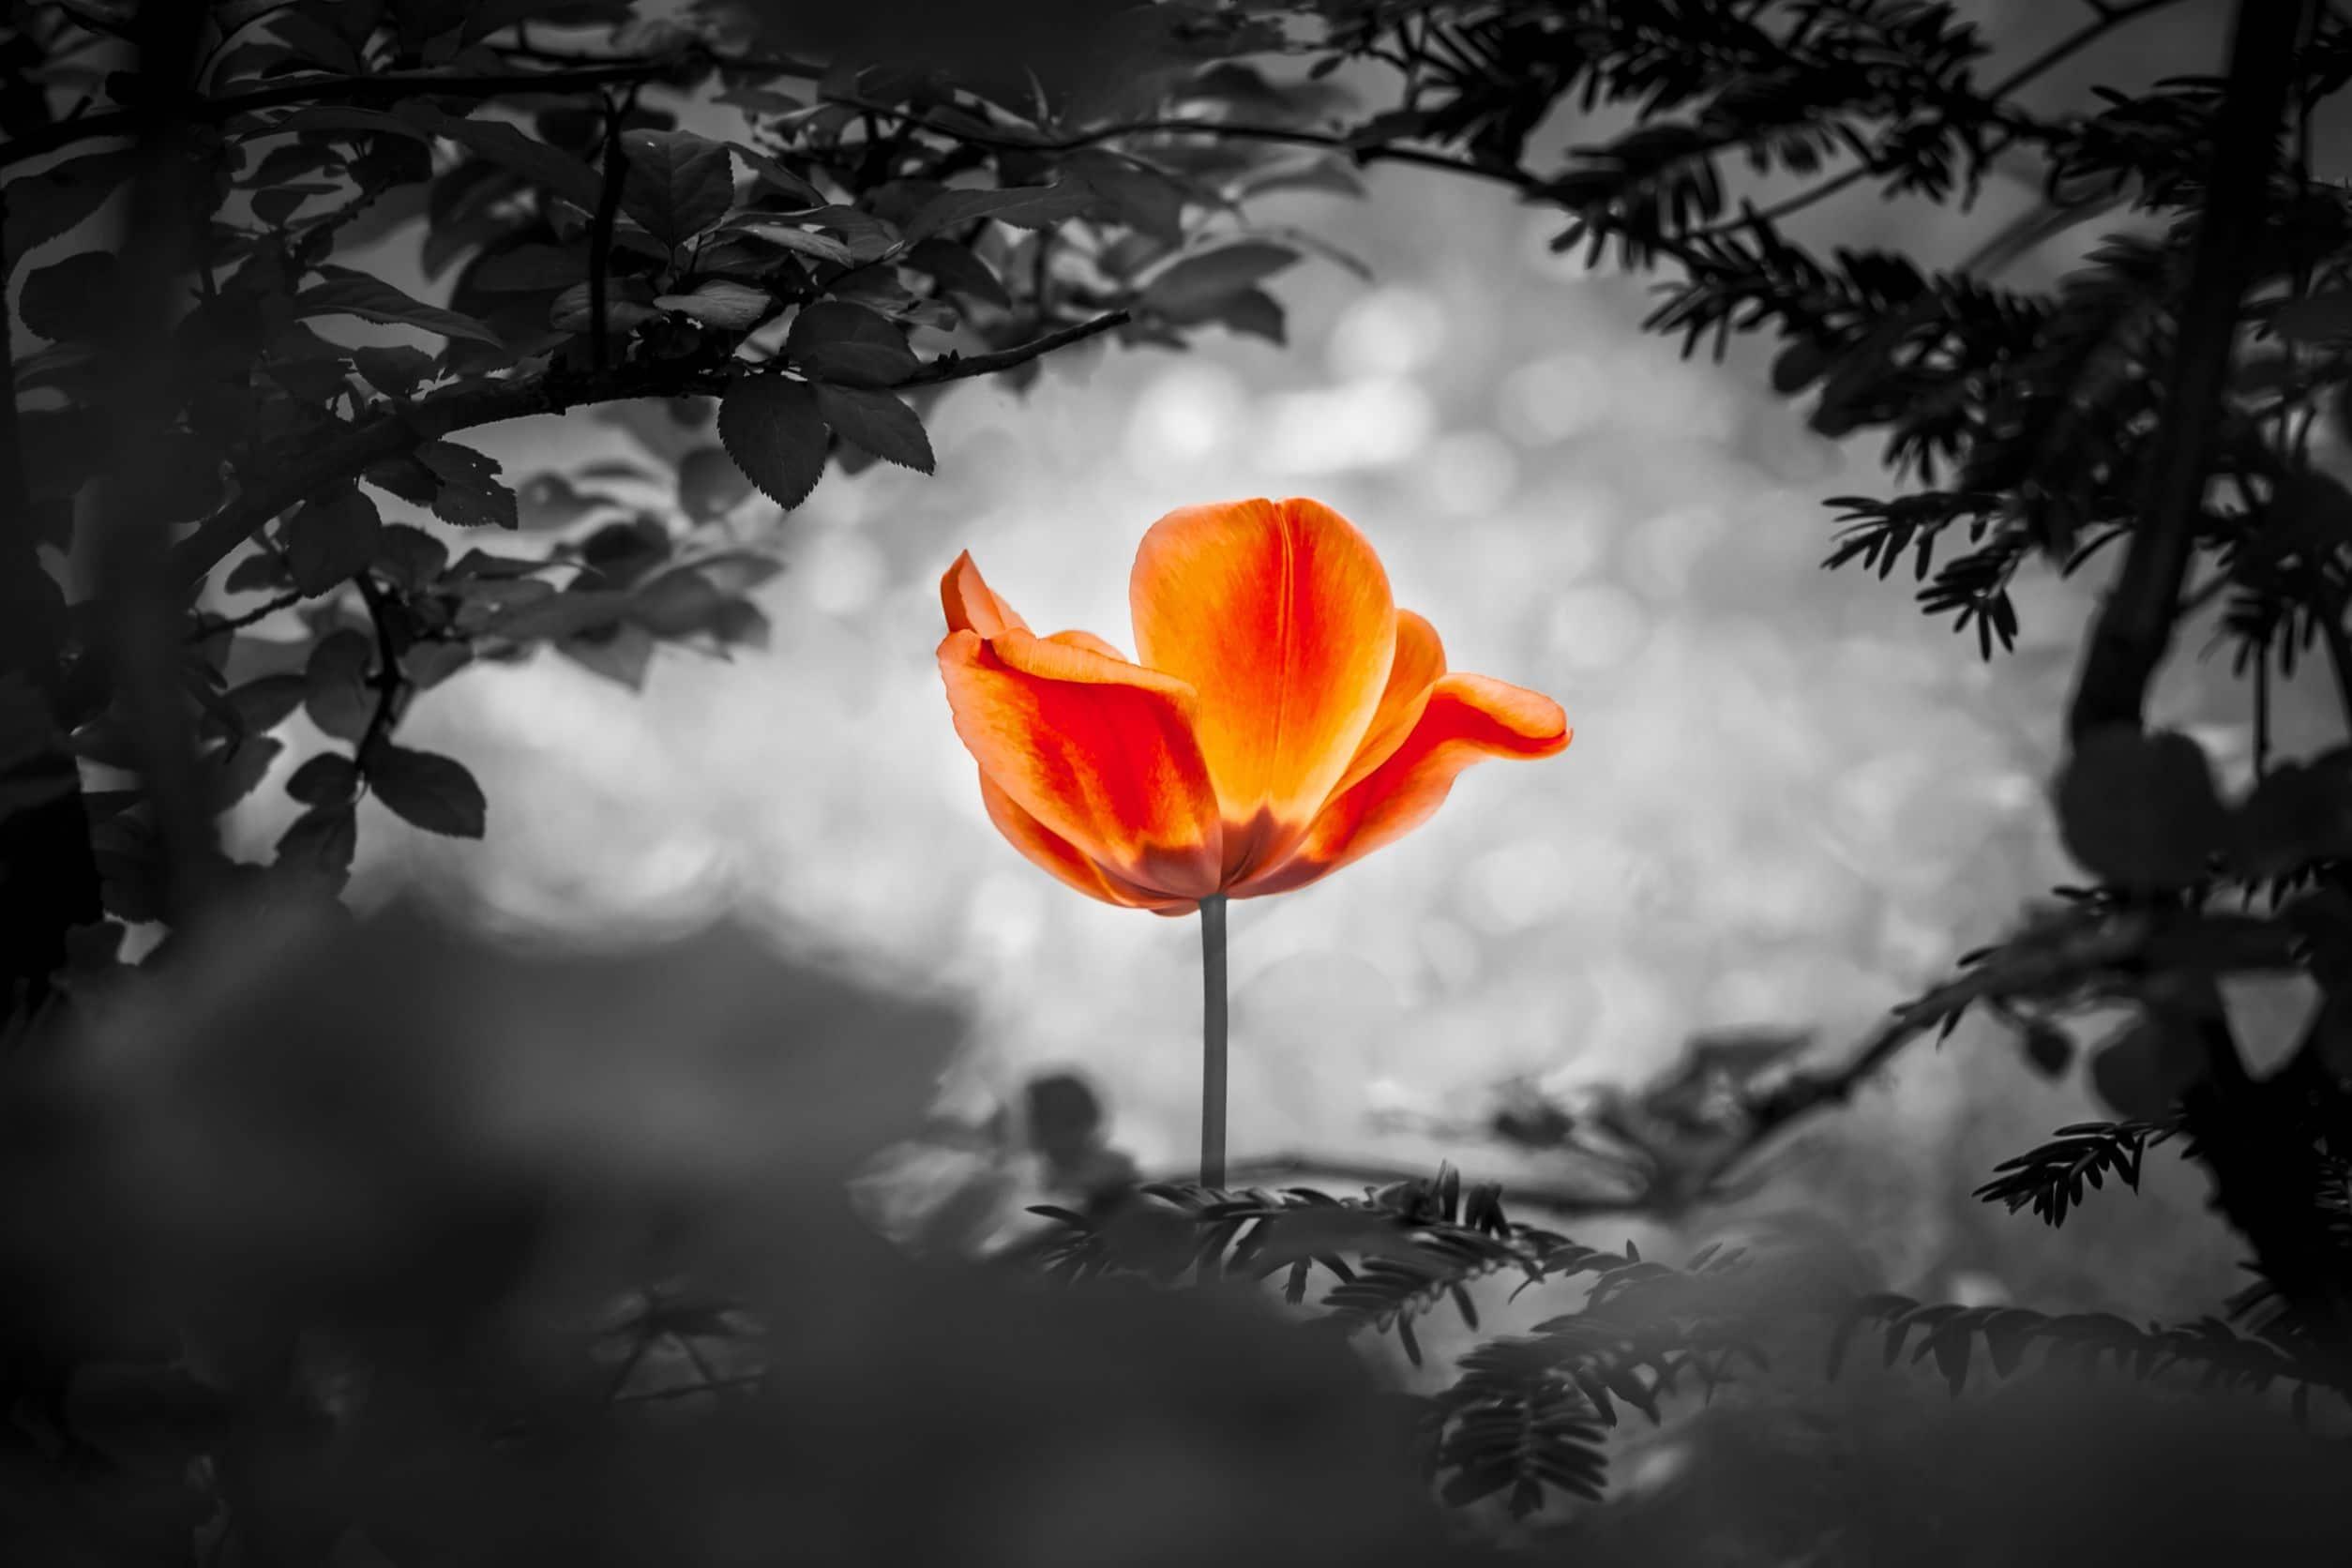 Rosa da cor laranja em meio à plantas em preto e branco.